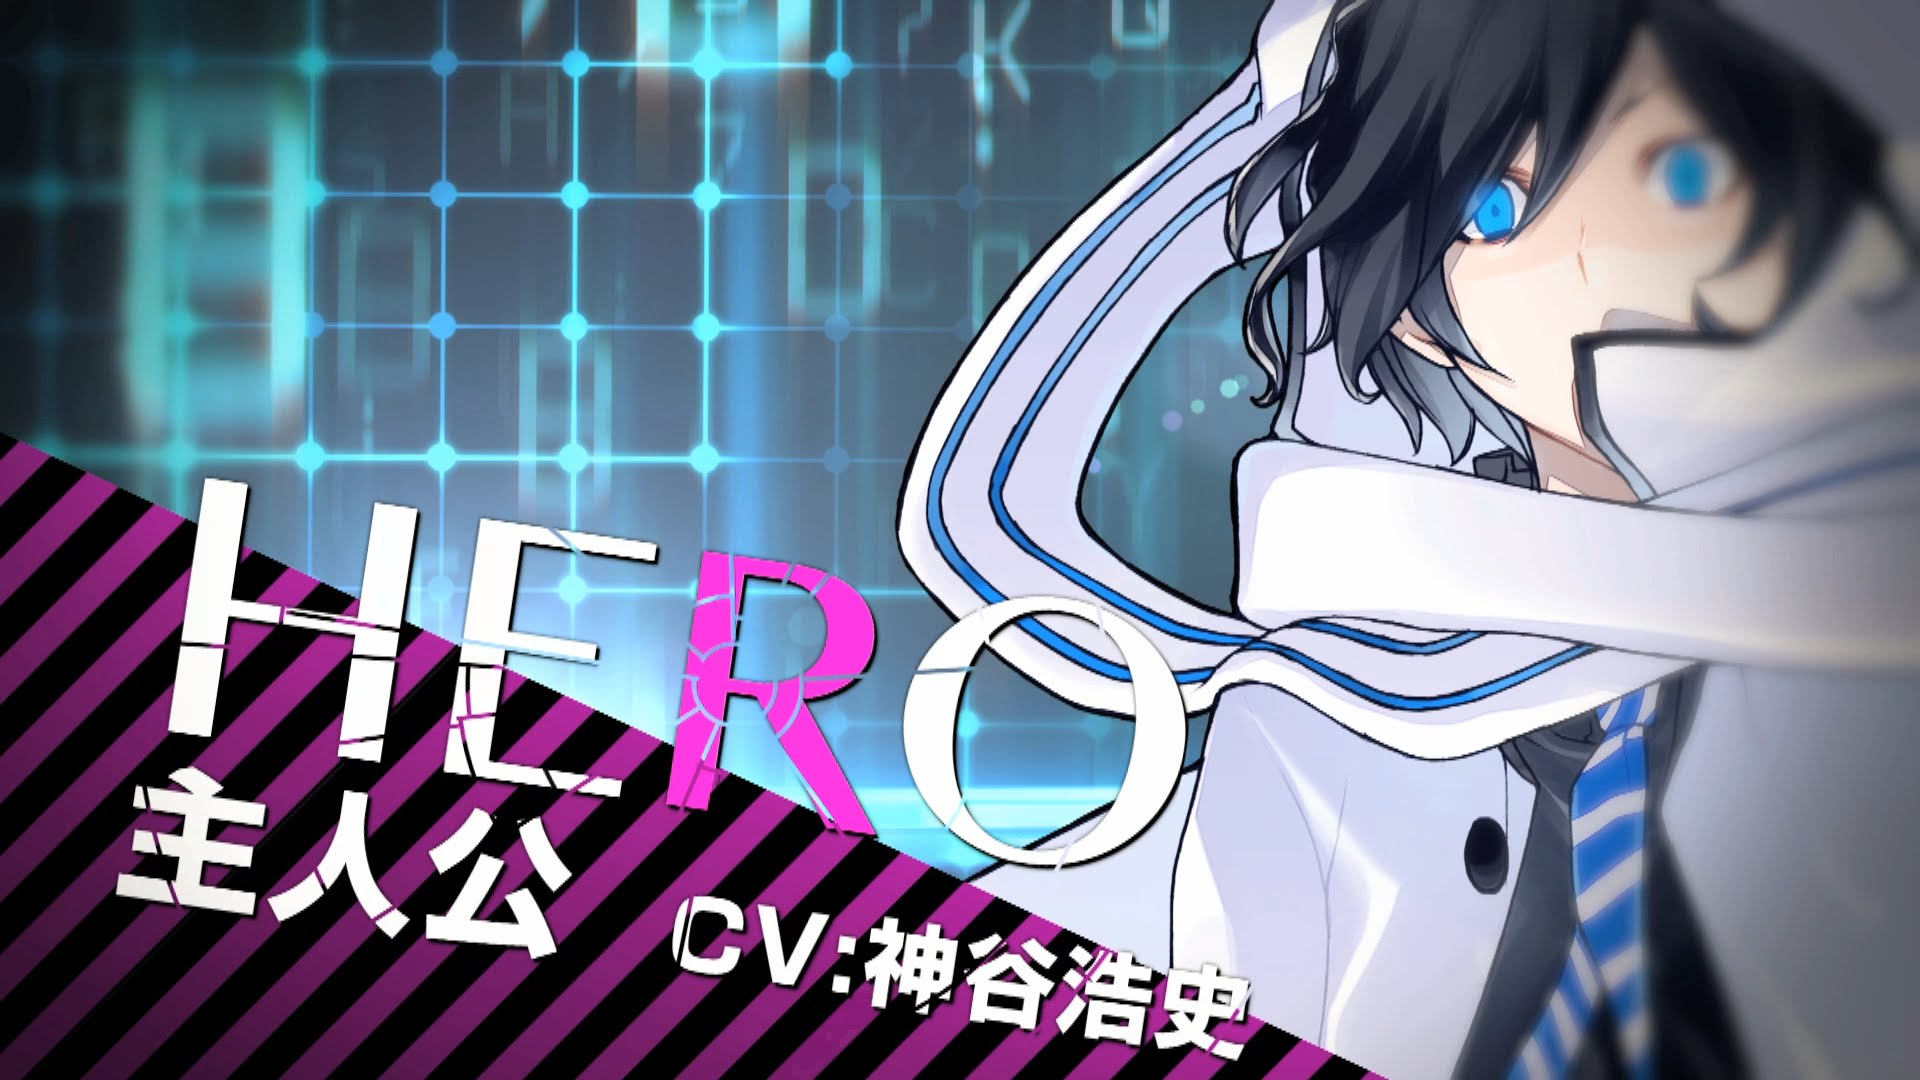 『デビルサバイバー2 ブレイクレコード』第2弾PV&パッケージビジュアル公開!